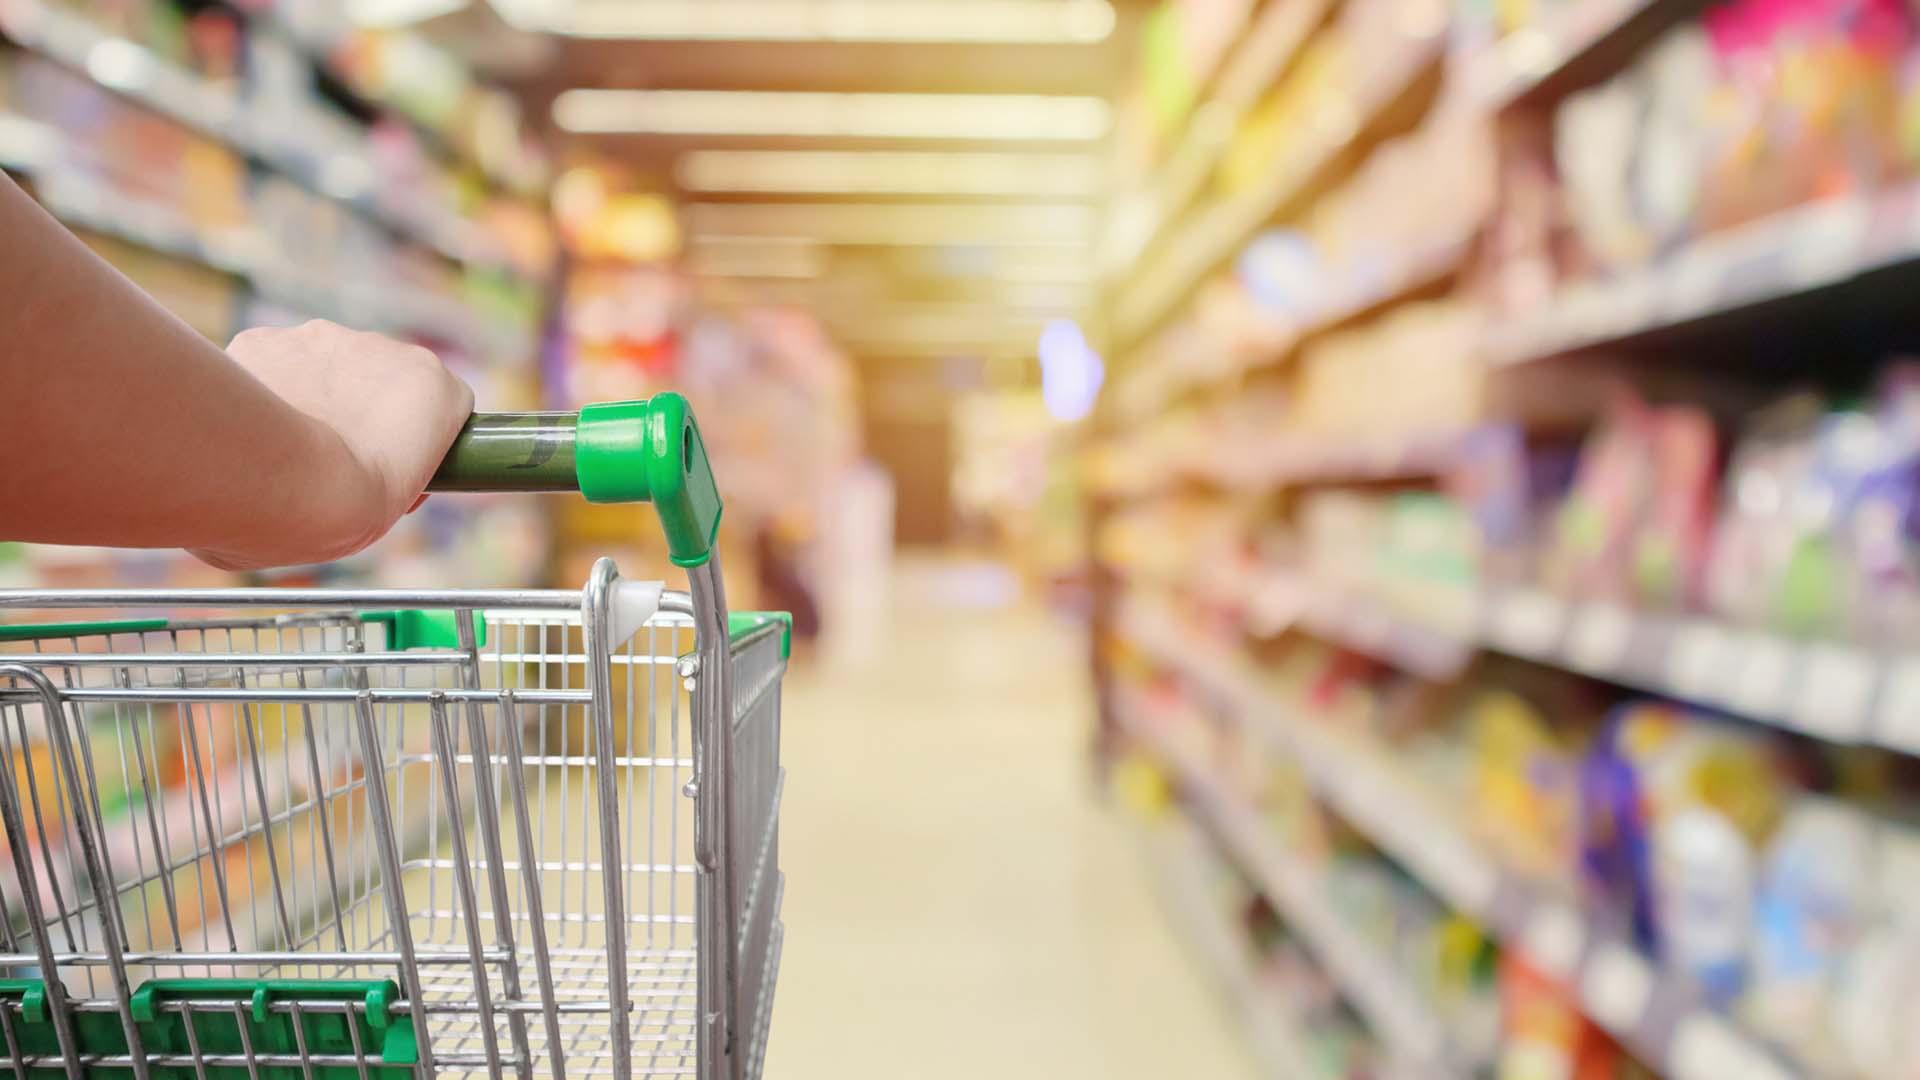 Đi siêu thị trong mùa dịch Covid-19 bạn nhất định phải nắm được những nguyên tắc quan trọng này để bảo vệ sức khỏe - Ảnh 2.